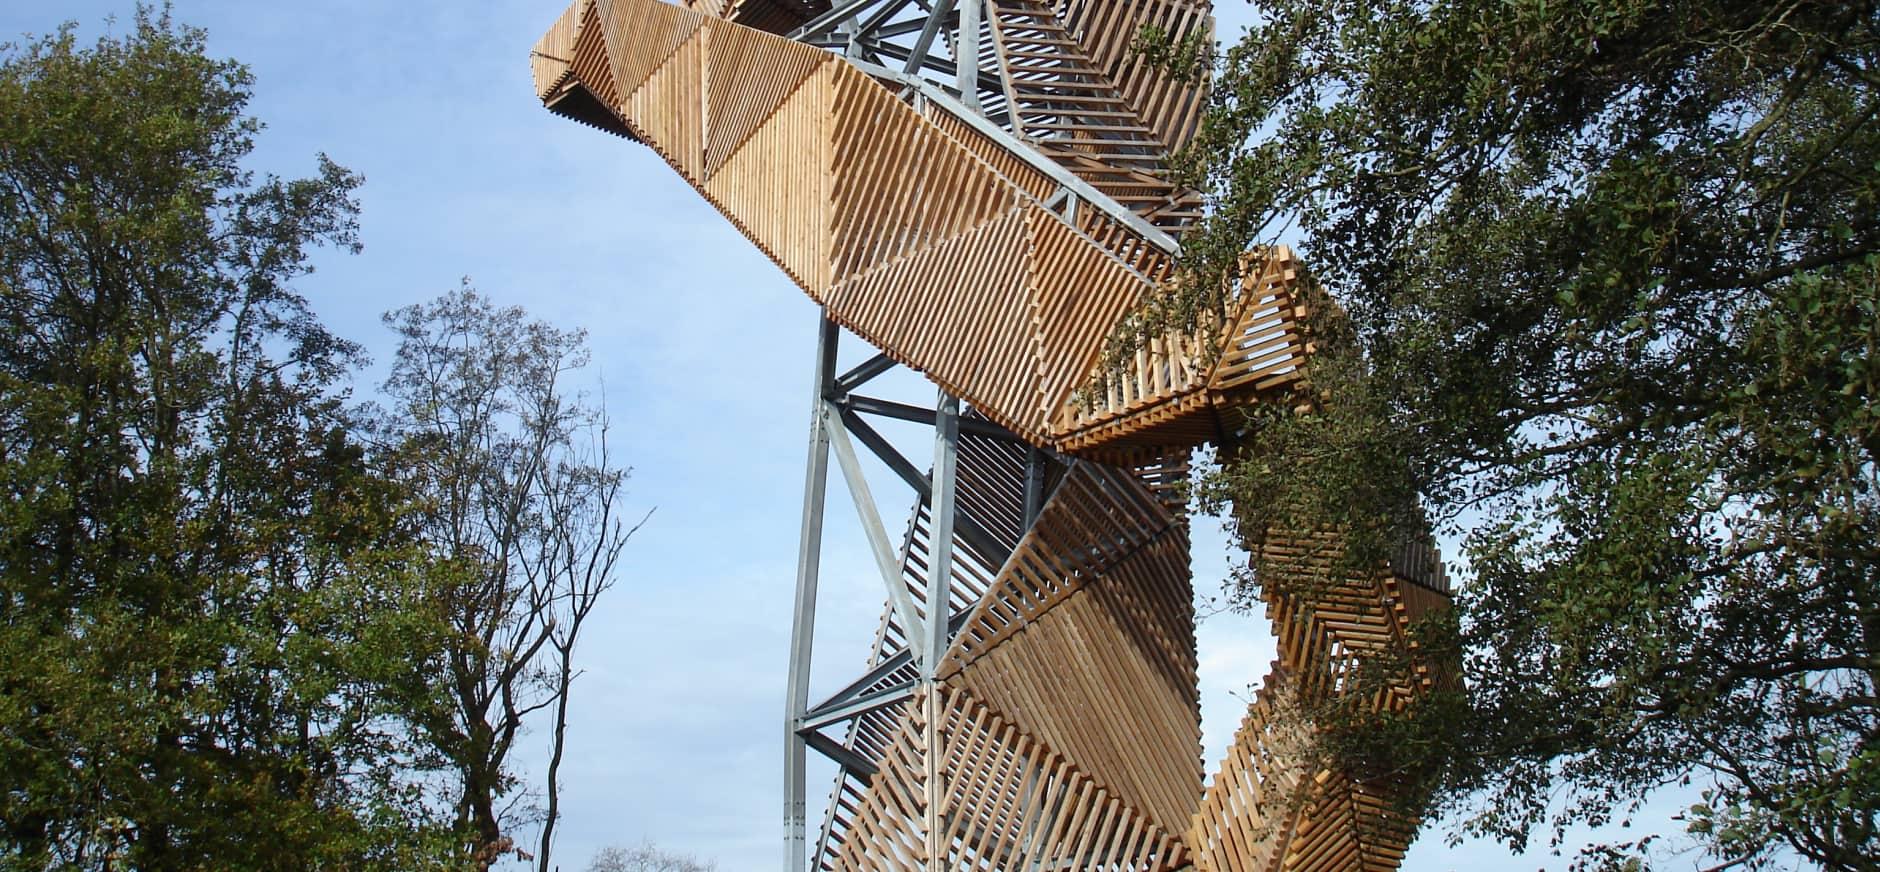 Uitkijktoren De Onlanden